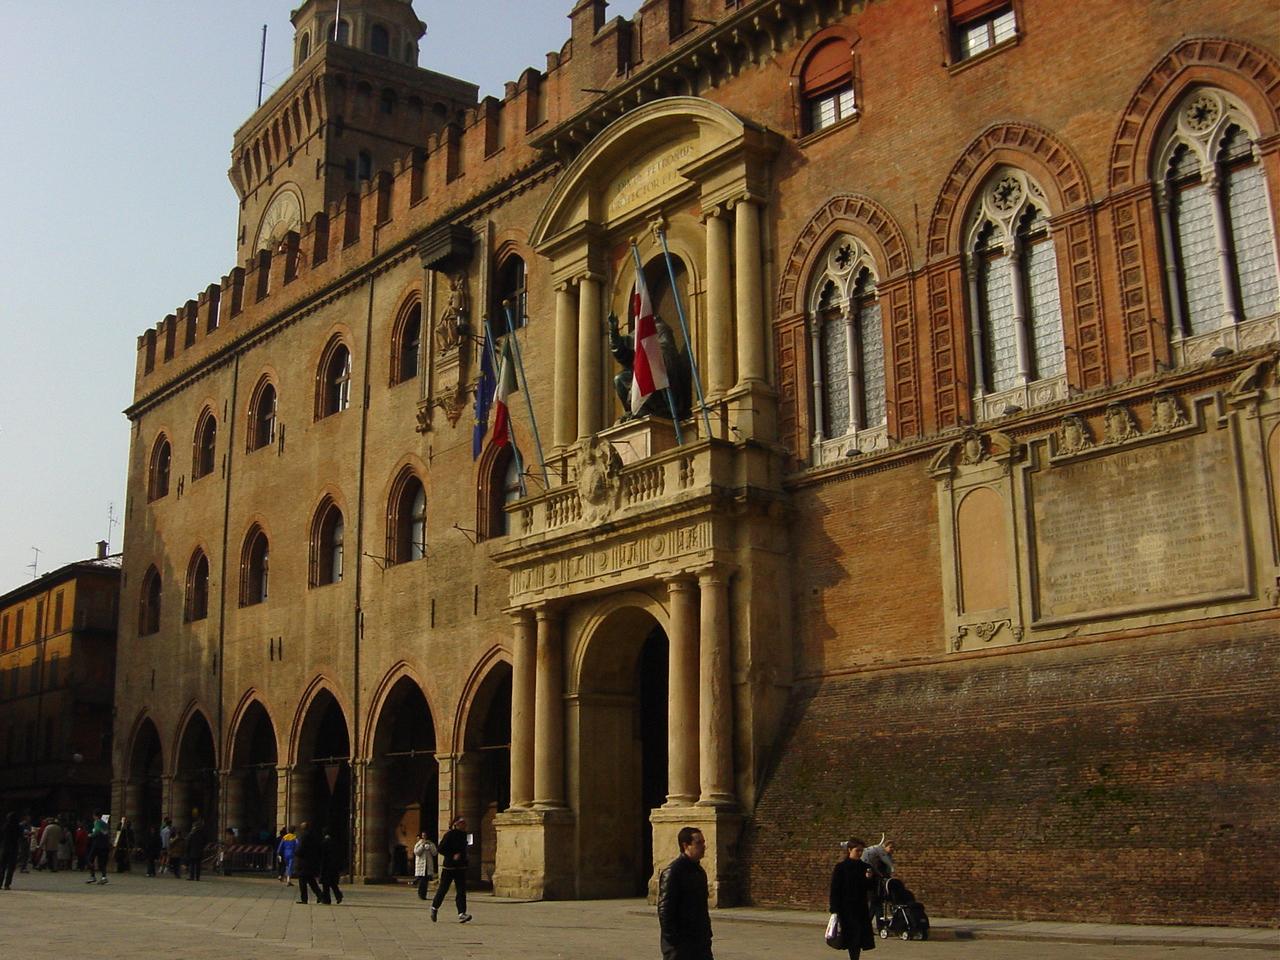 Bologna_-_Palazzo_d'Accursio_-_Foto_Giovanni_Dall'Orto_5-3-2005_2.jpg